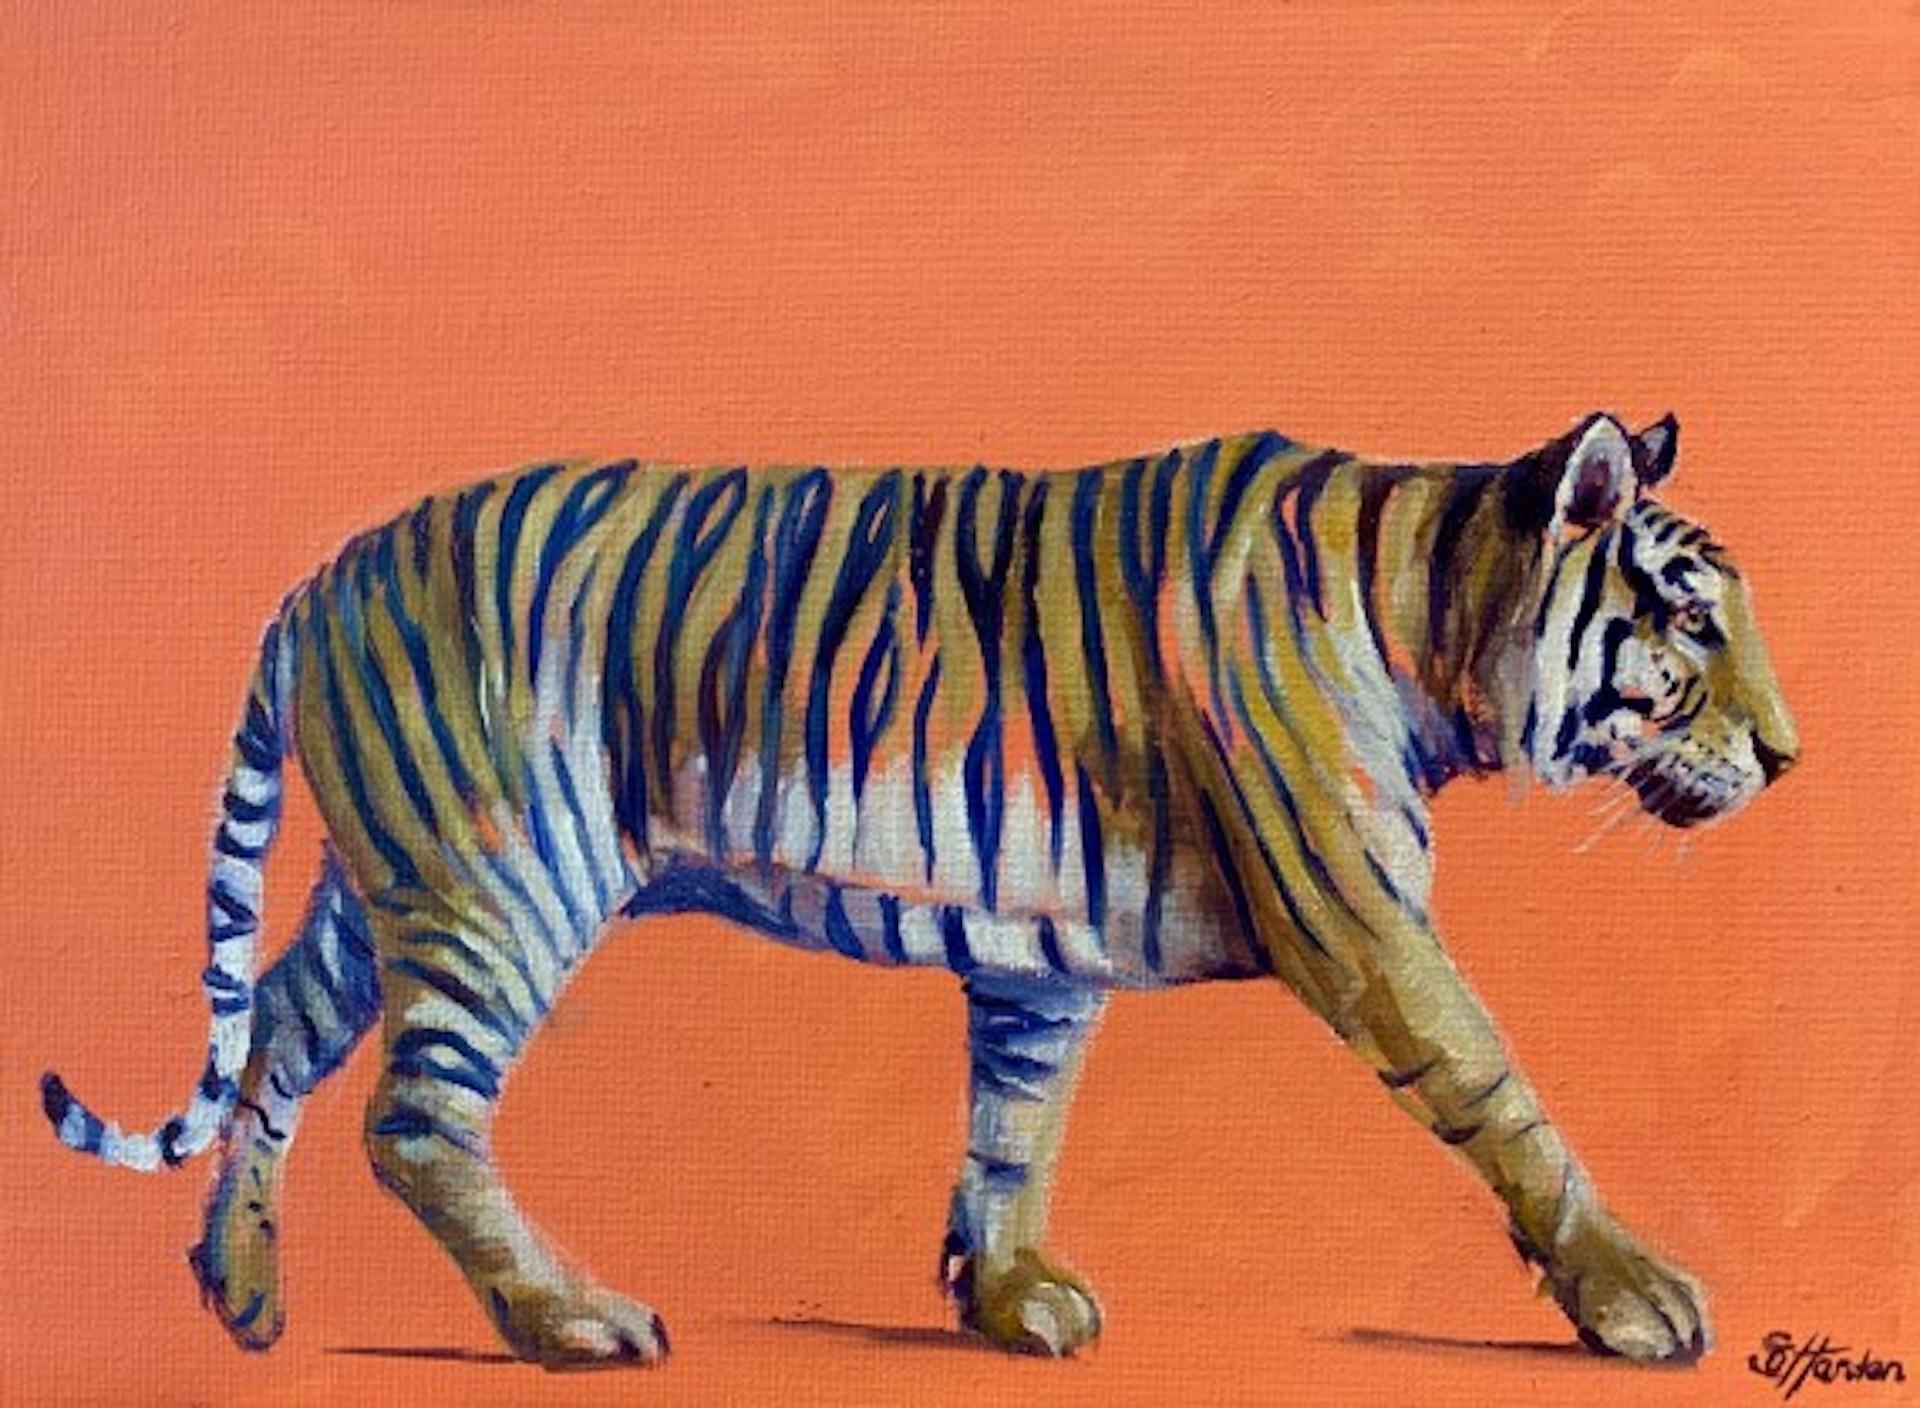 Sophie Harden, Tiger Tiger Burning Bright, Original Contemporary Tiger Painting